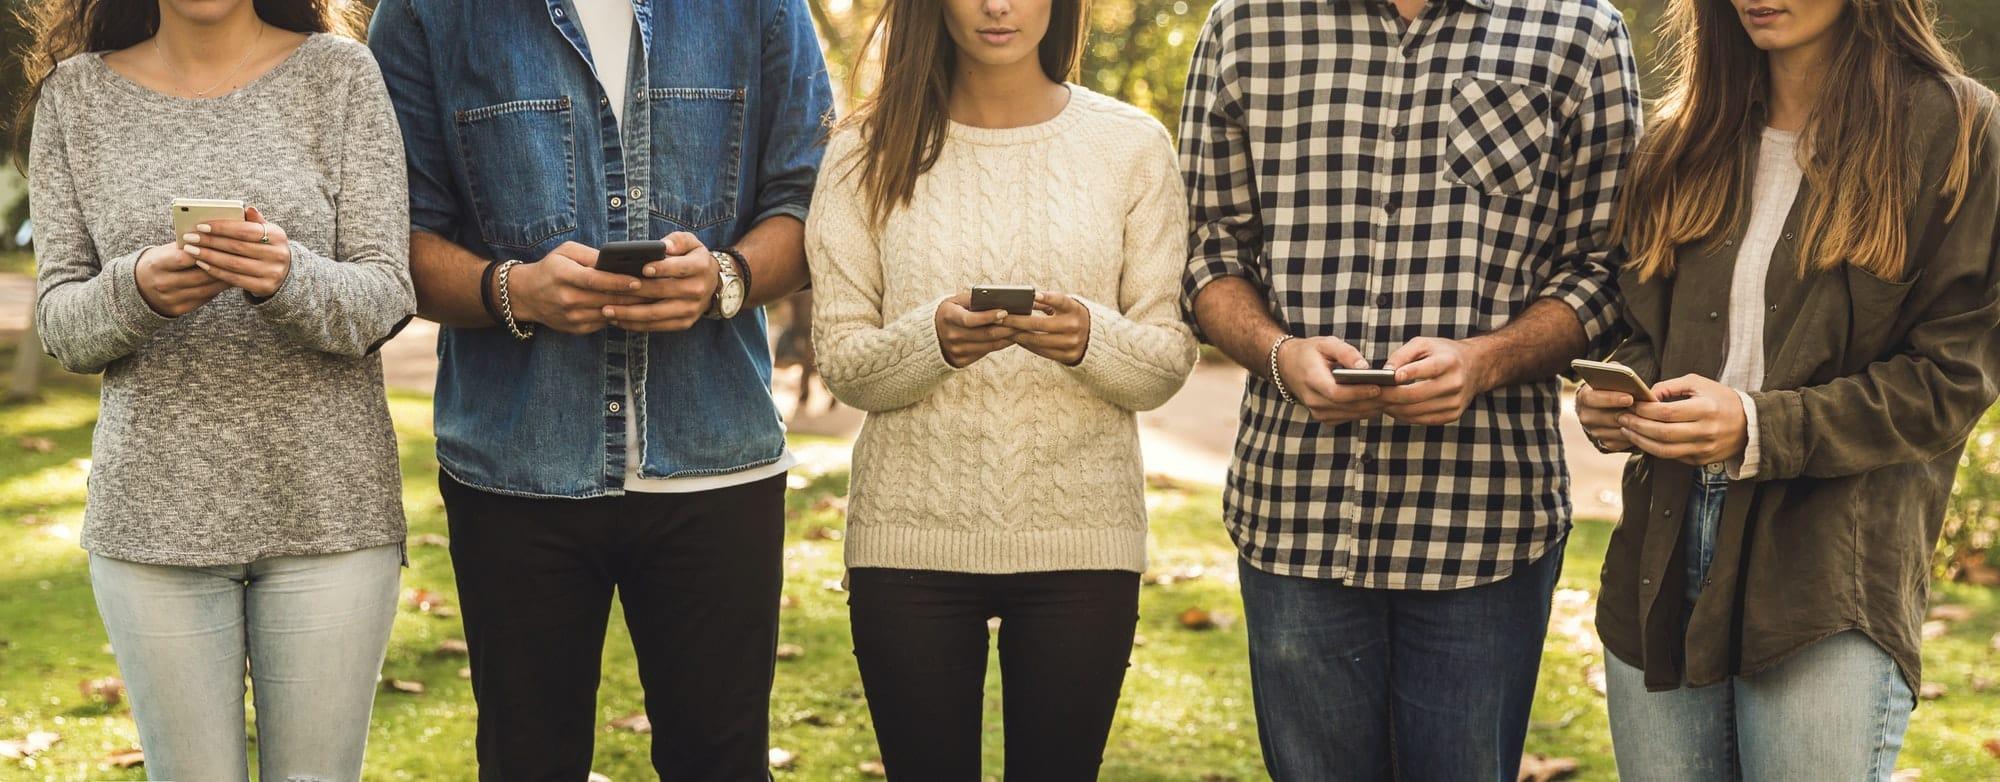 groupe d'amis regardent leurs téléphones